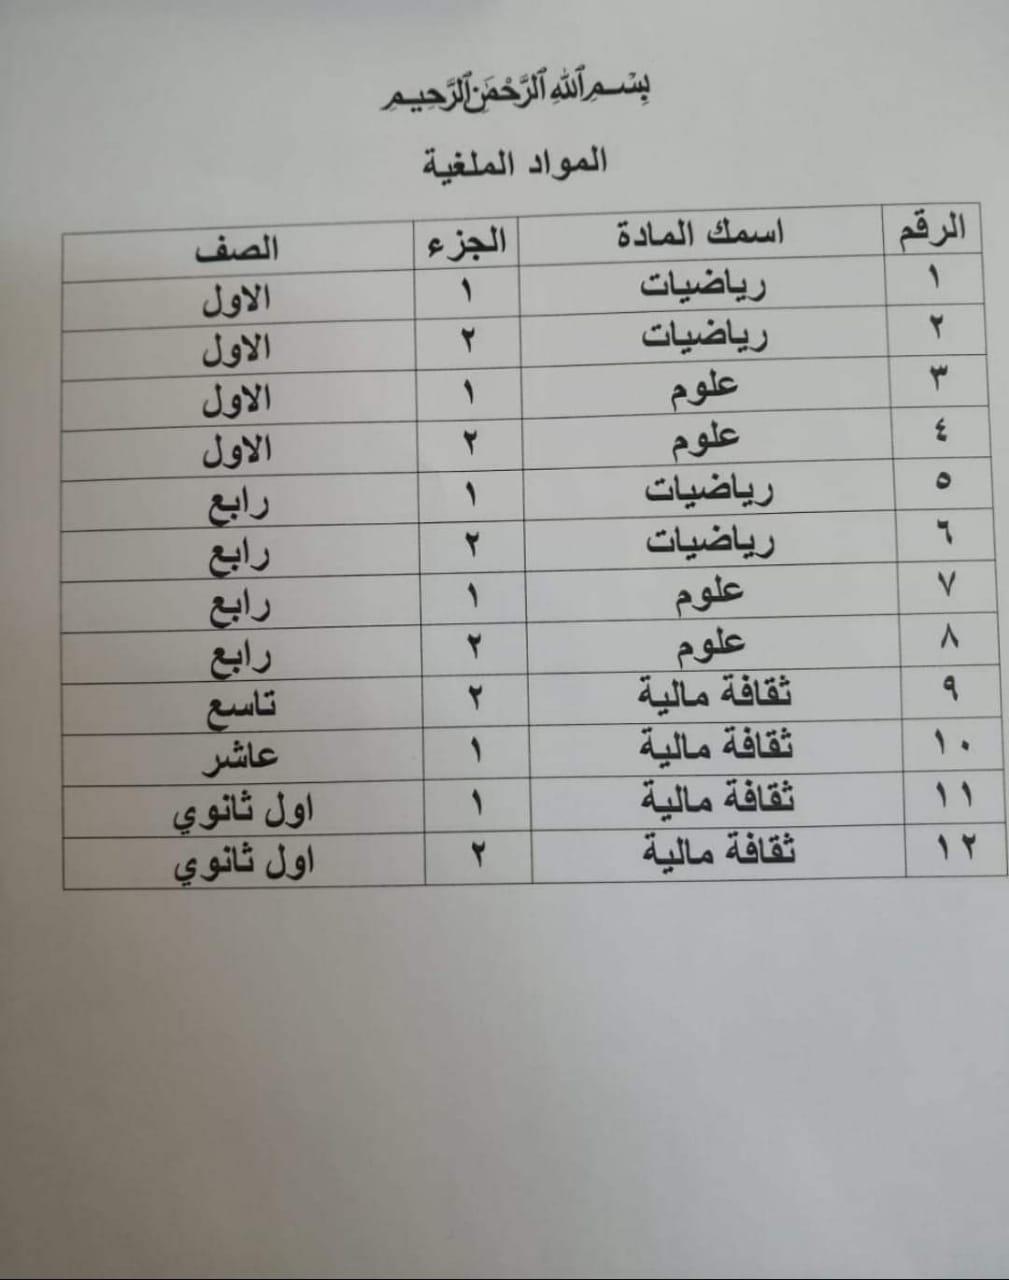 الكتب المدرسية الملغية والتي تم استبدالها للعام الدراسي 2019 - 2020